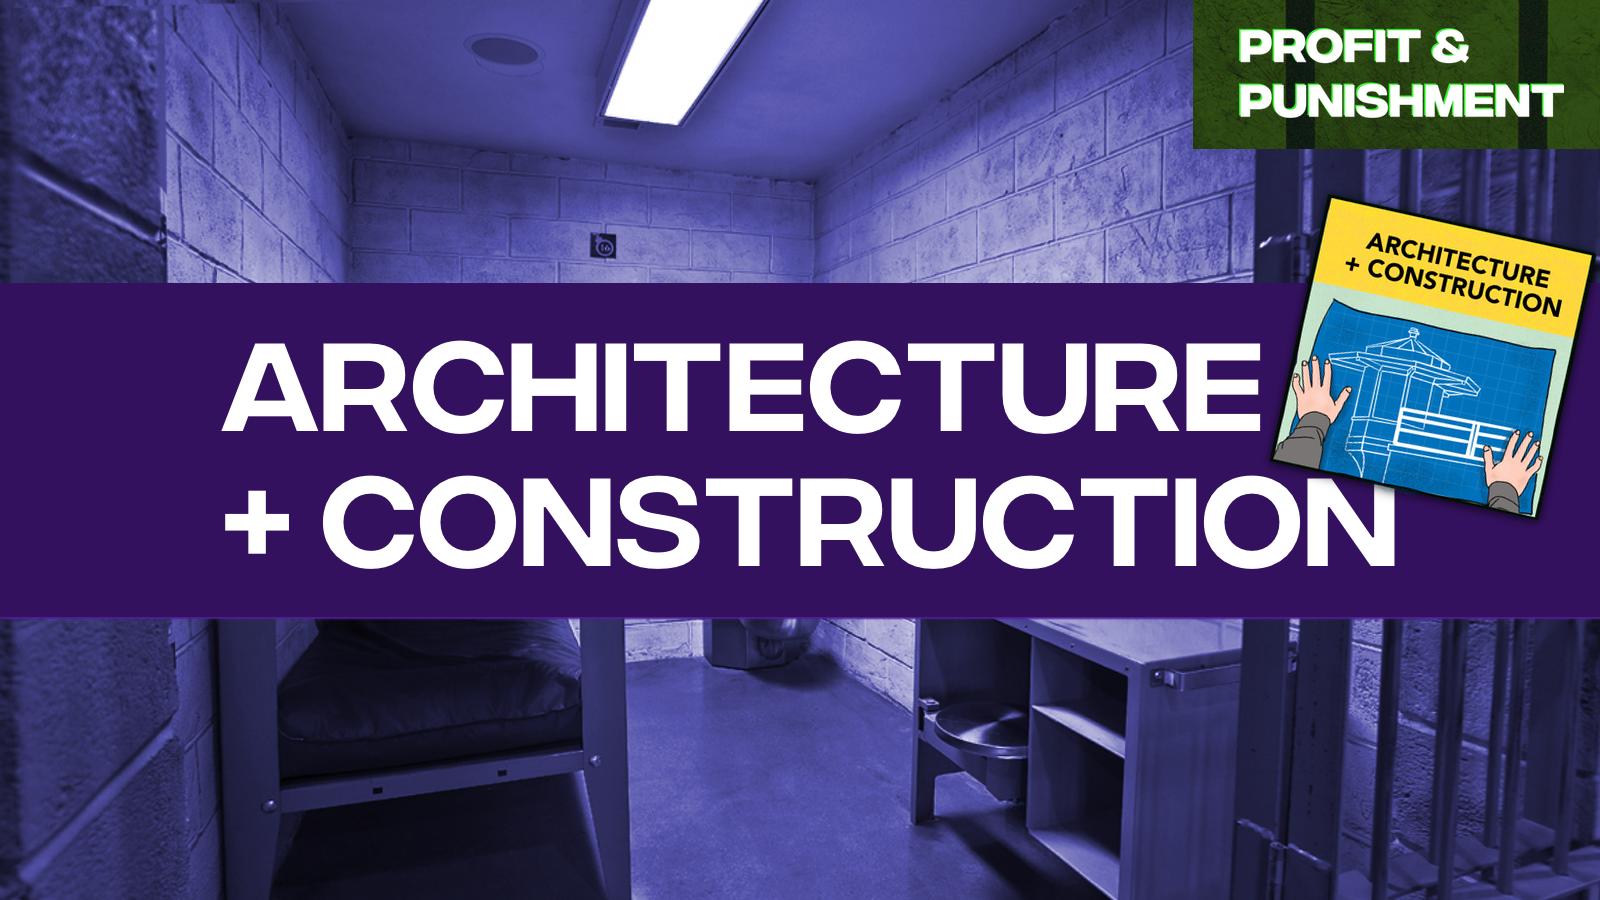 Punishment & Profit: Architecture & Construction